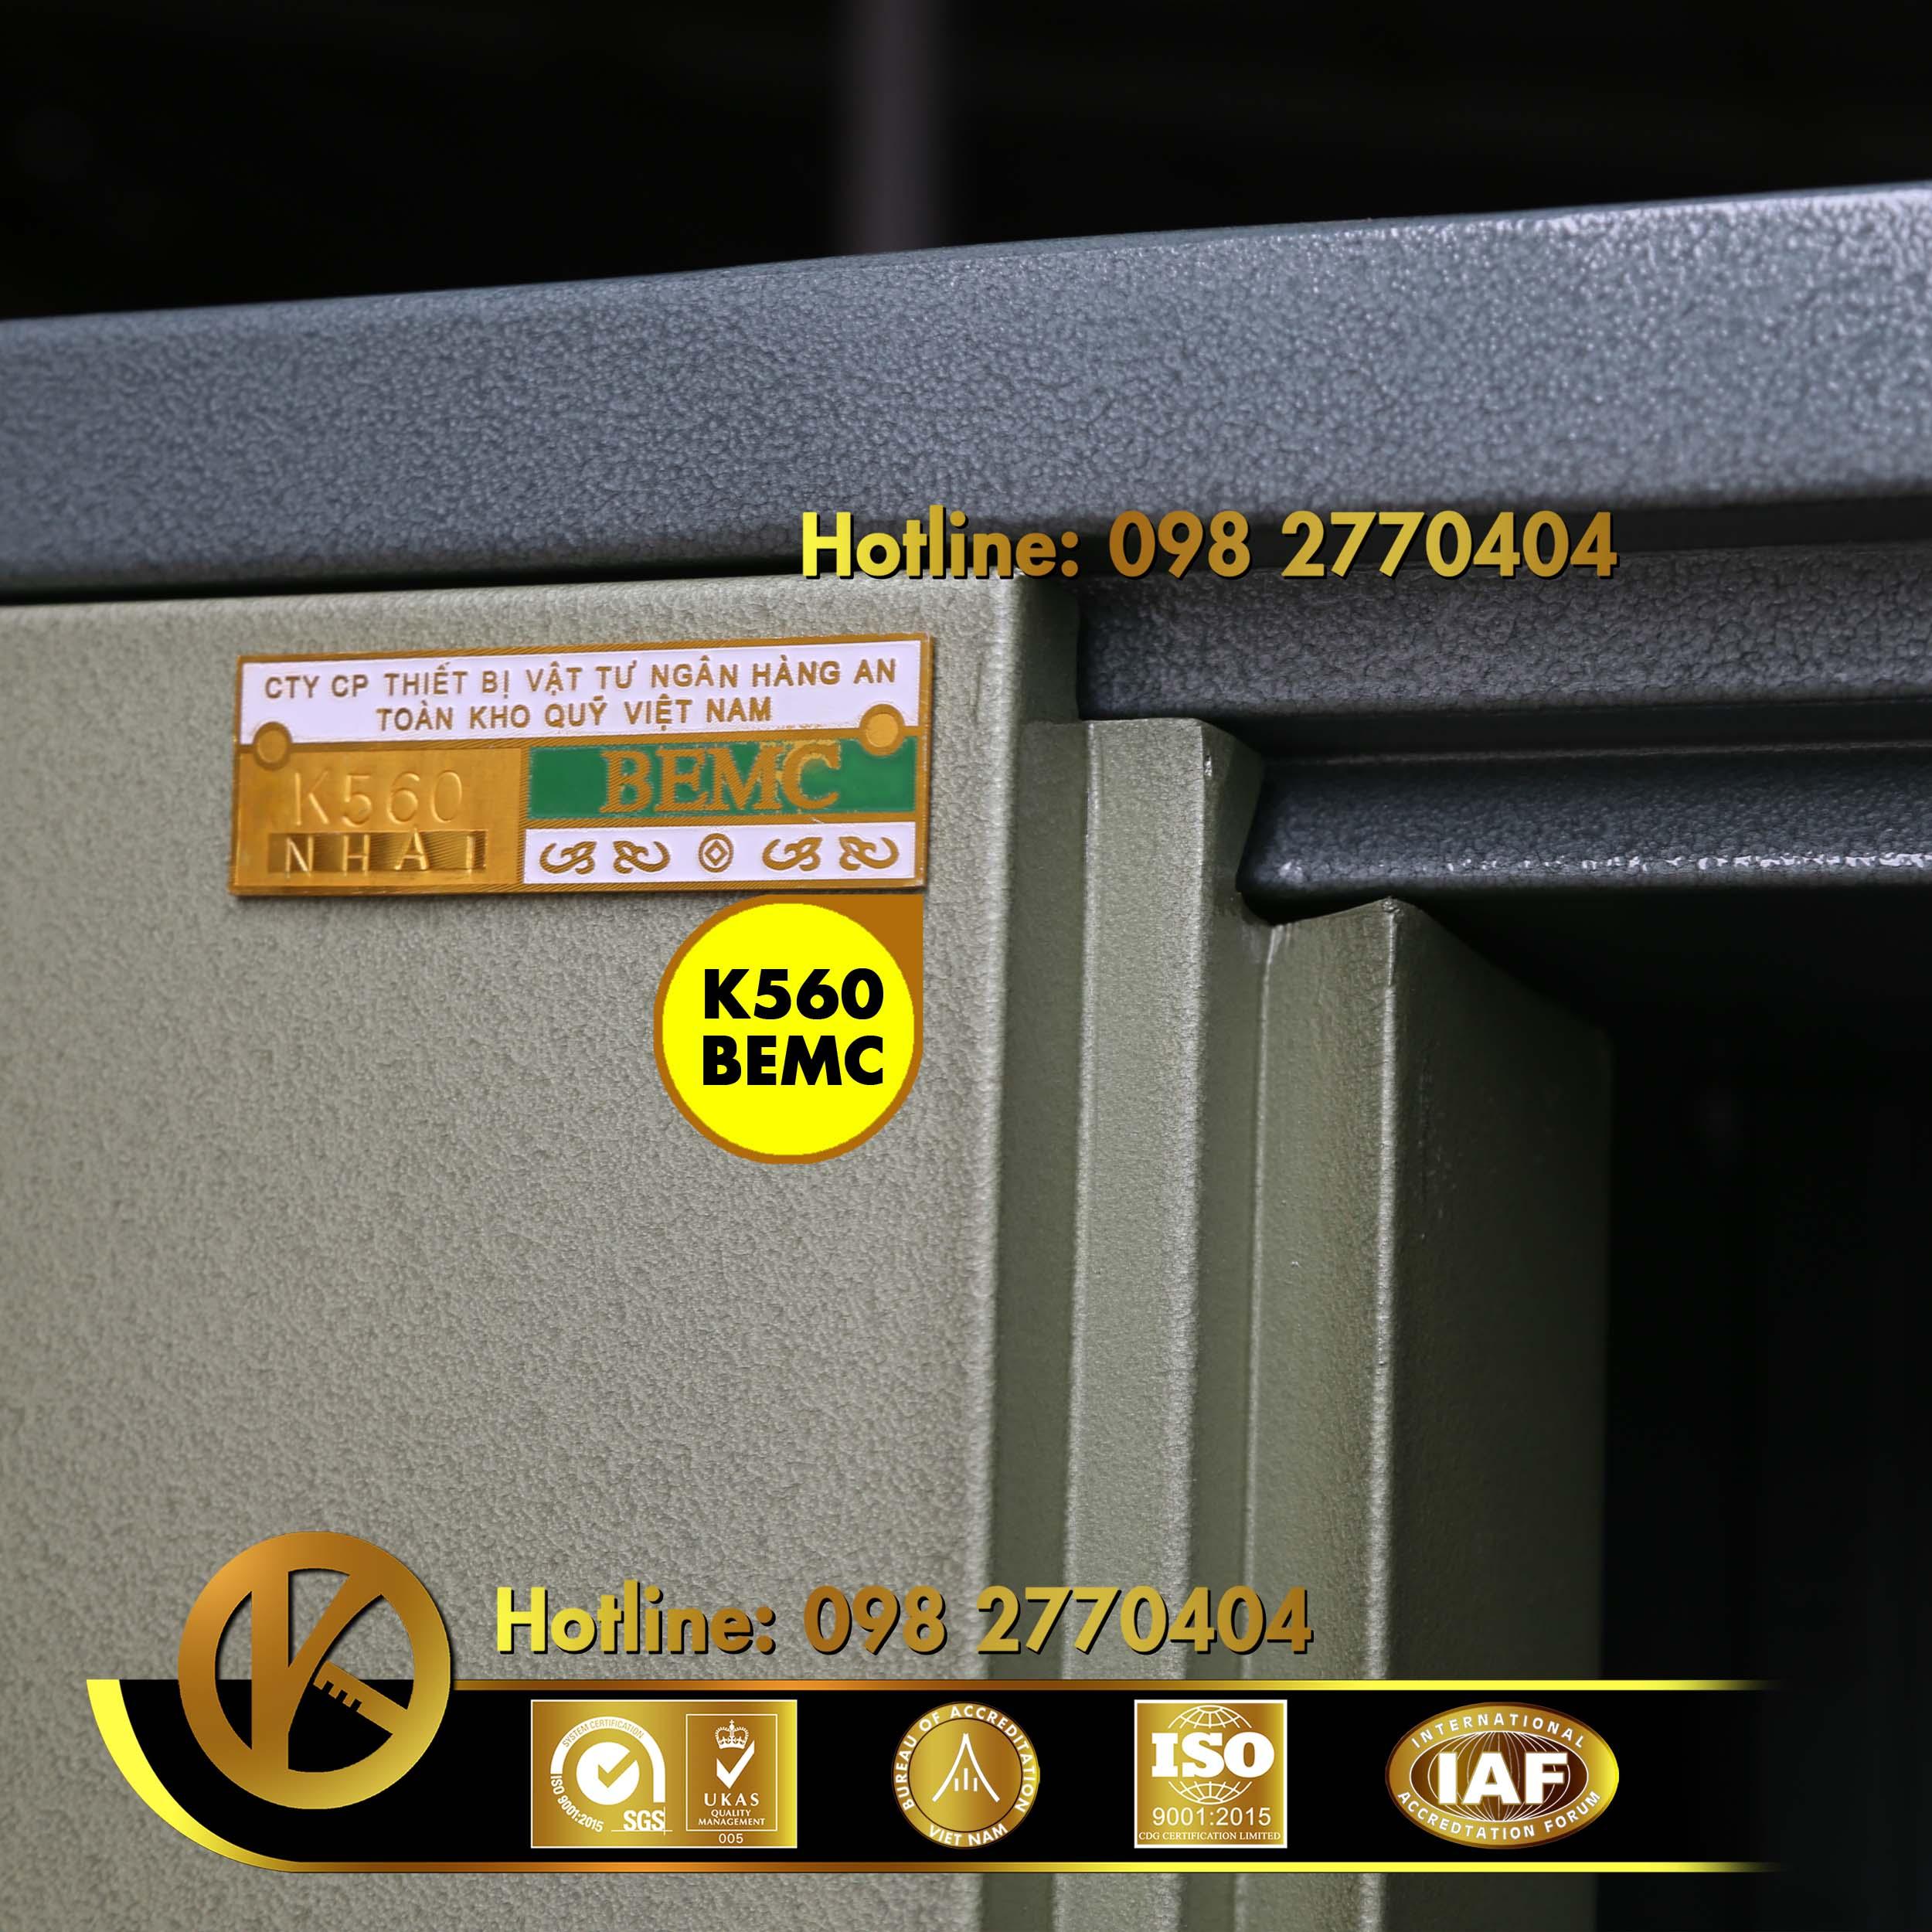 hình ảnh sản phẩm Két sắt ngân hàng K560 NHA1 khóa đổi mã Xanh